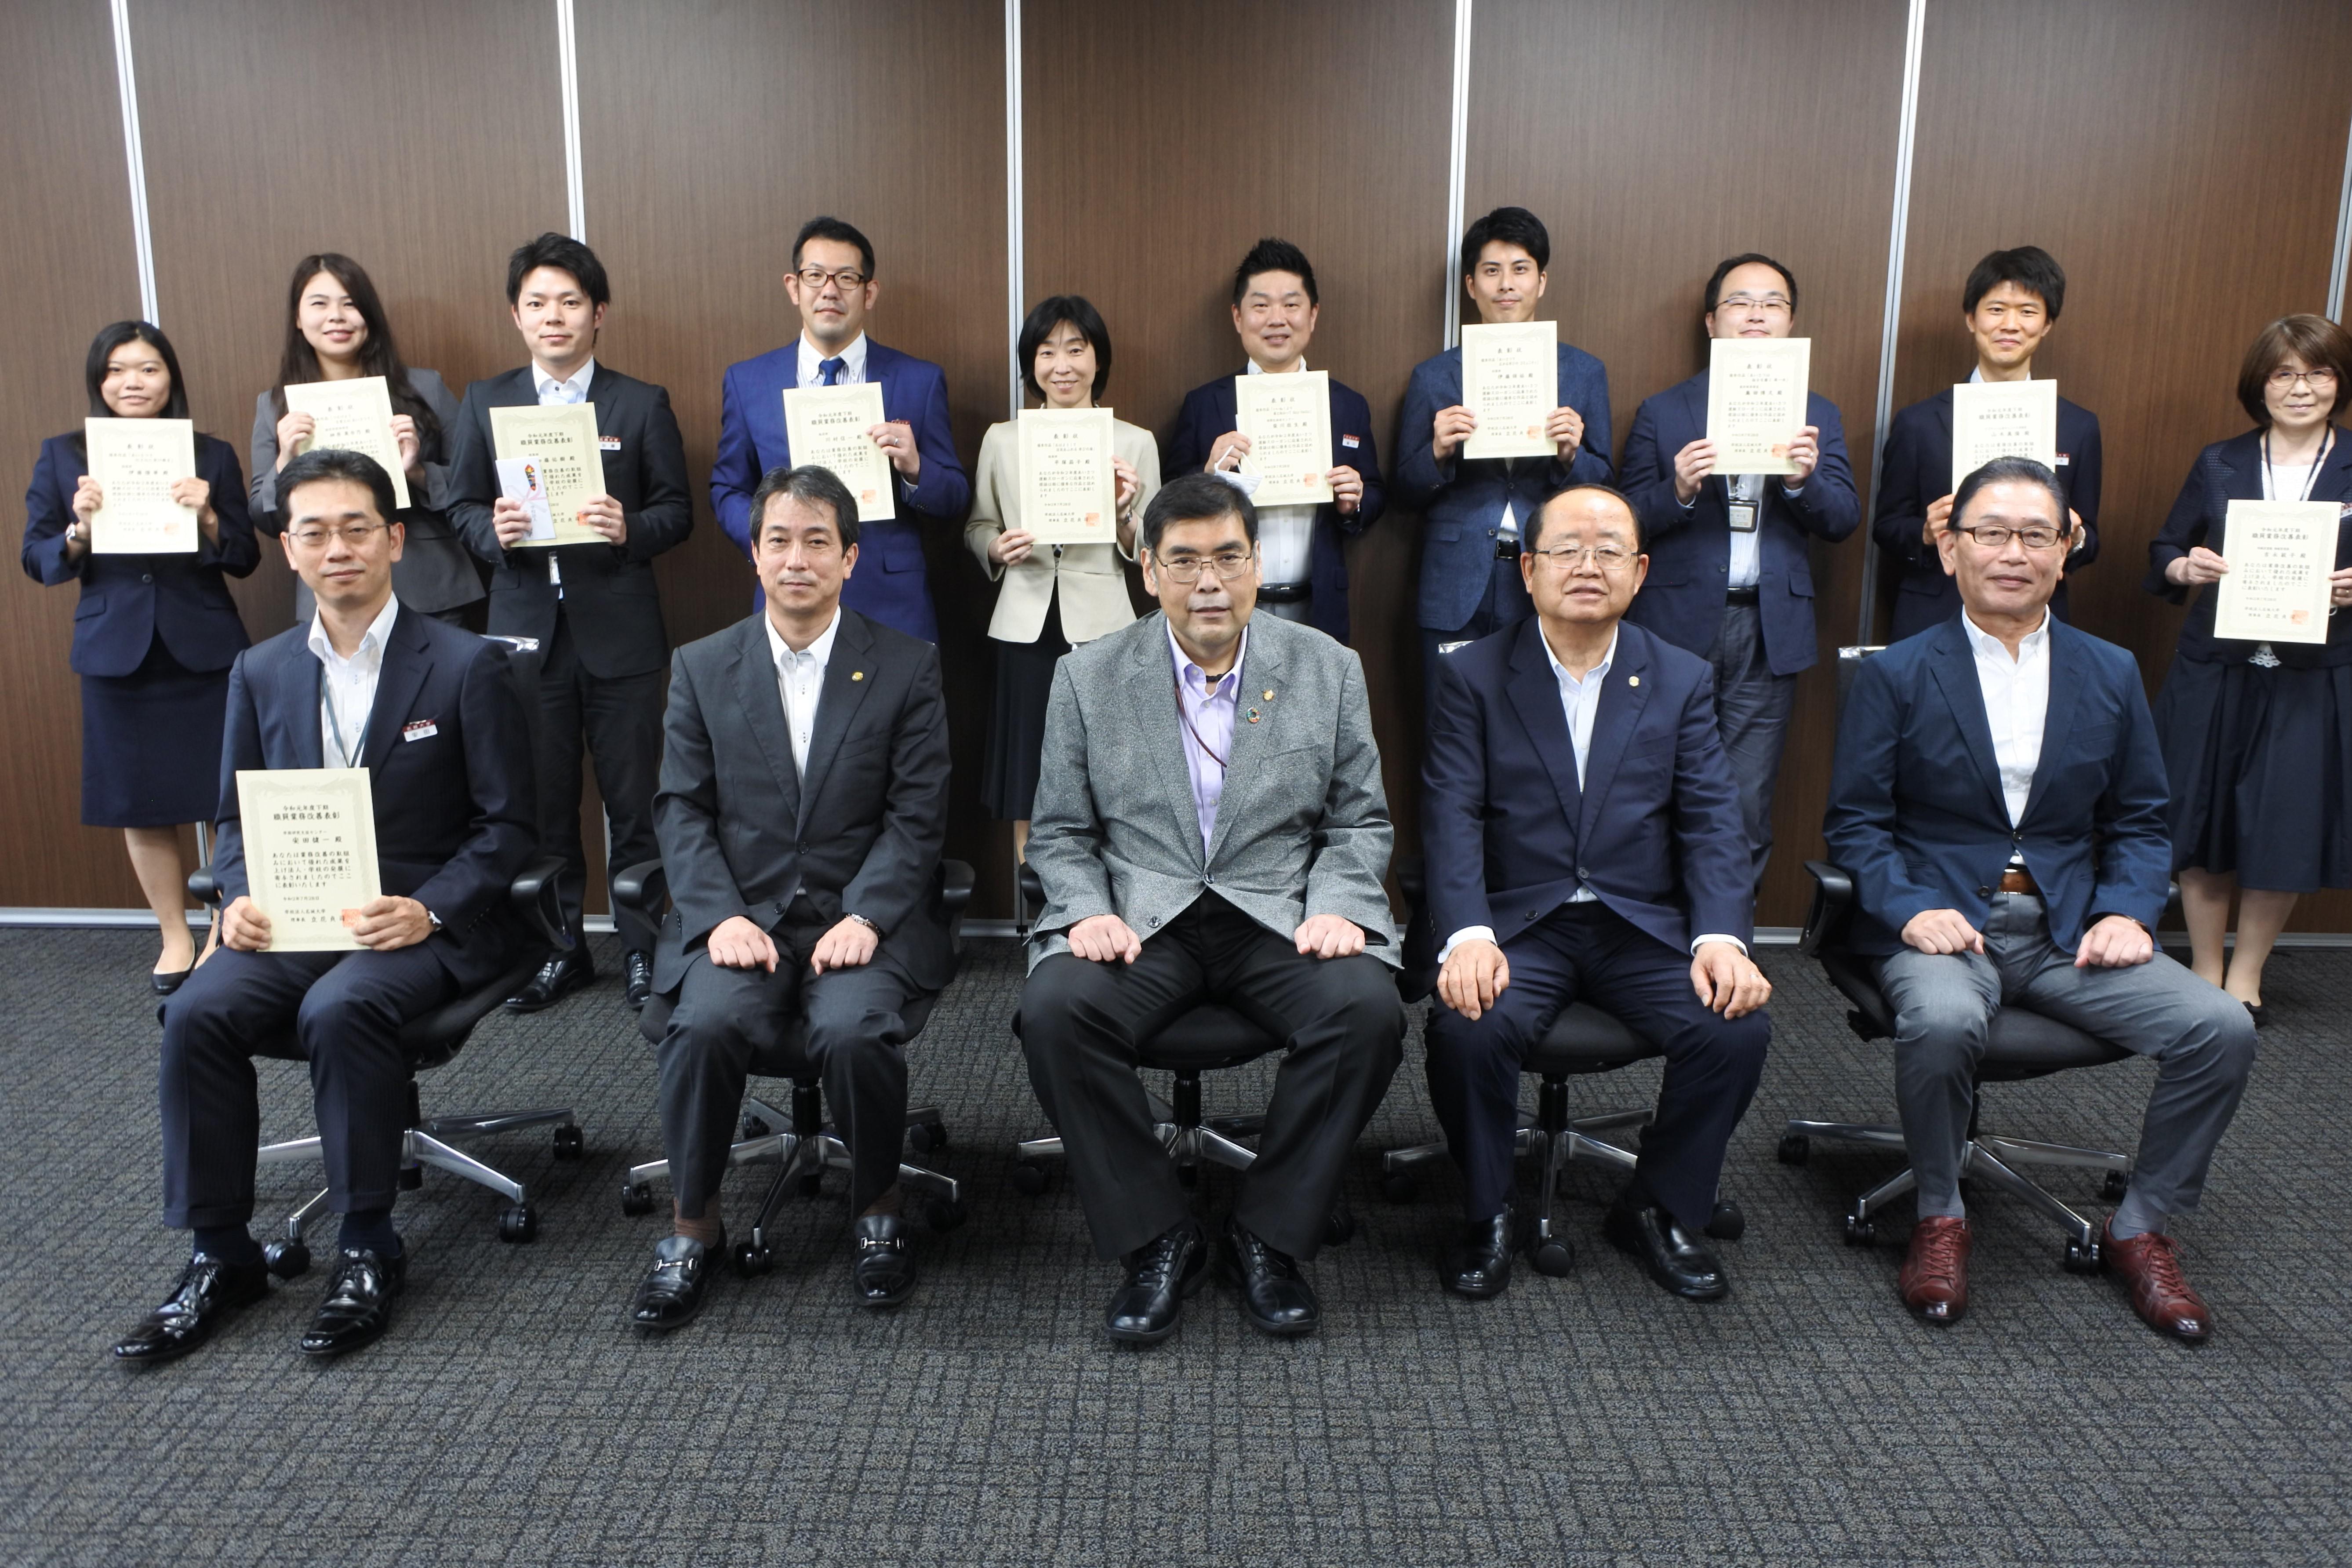 職員業務改善とあいさつ運動スローガンで表彰を受けた人たちと立花貞司理事長(前列右から2人目)ら